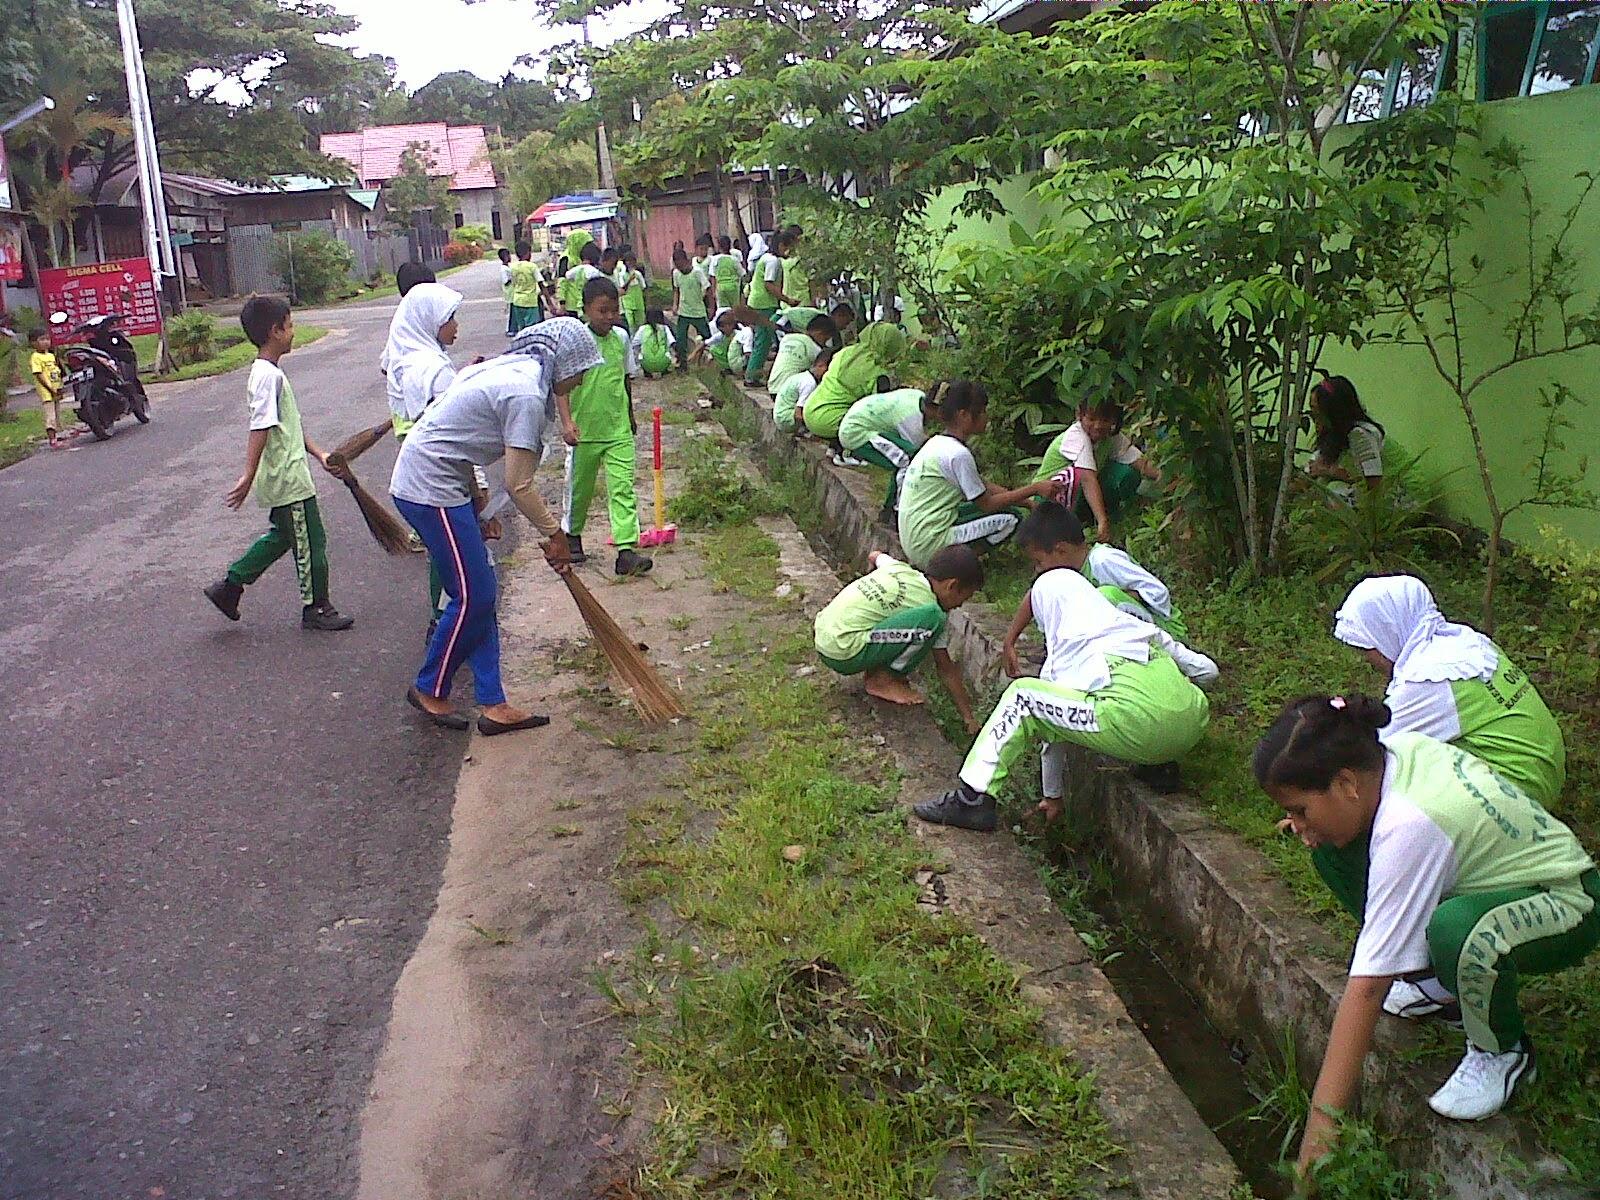 Contoh Gambar Gotong Royong Kerkose